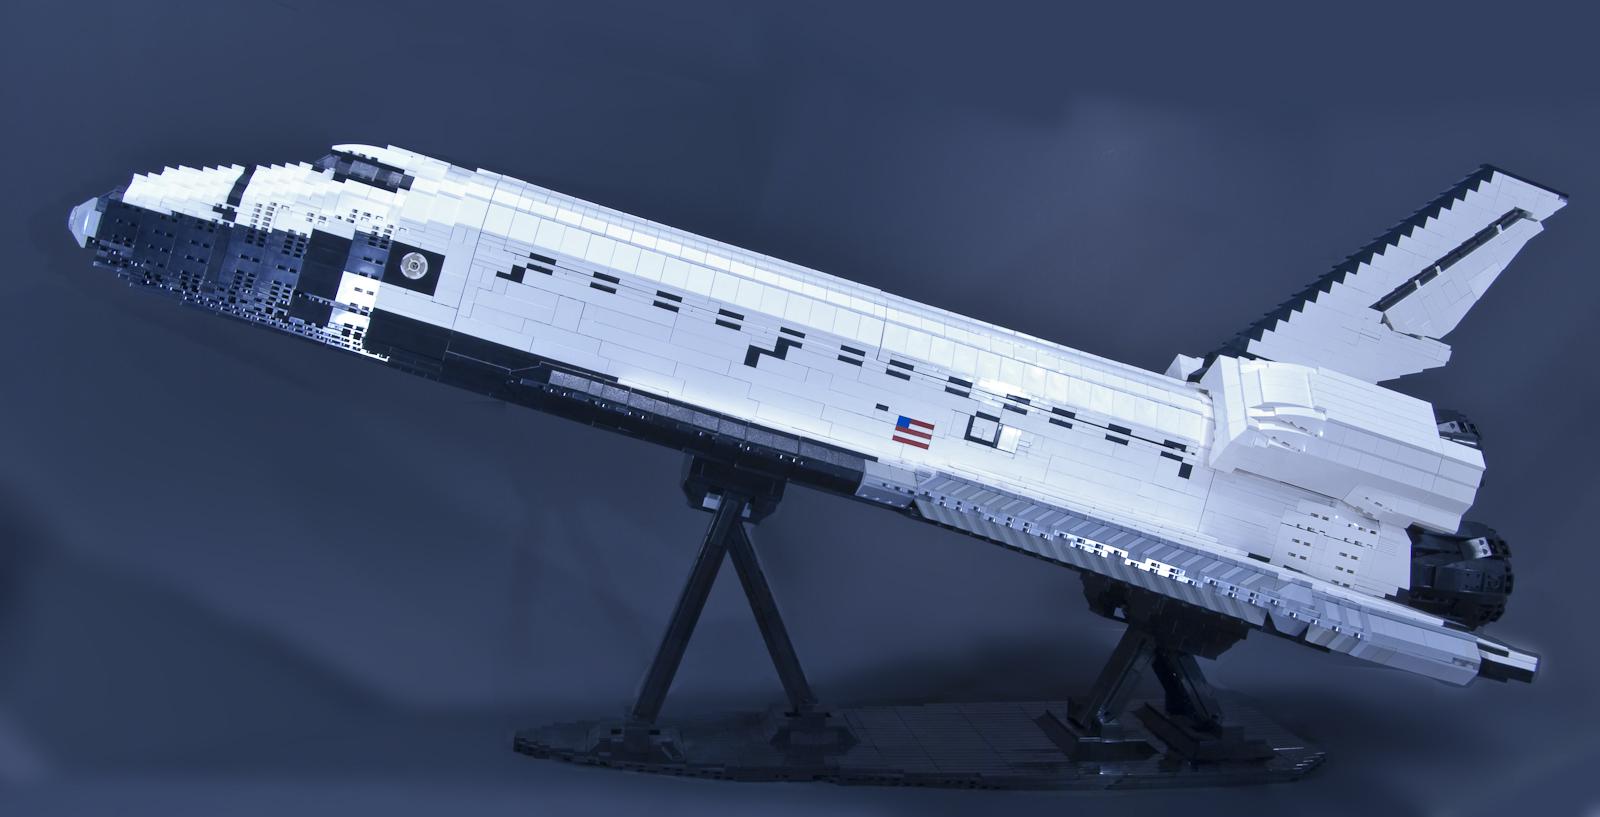 lego space shuttle moc instructions - photo #12